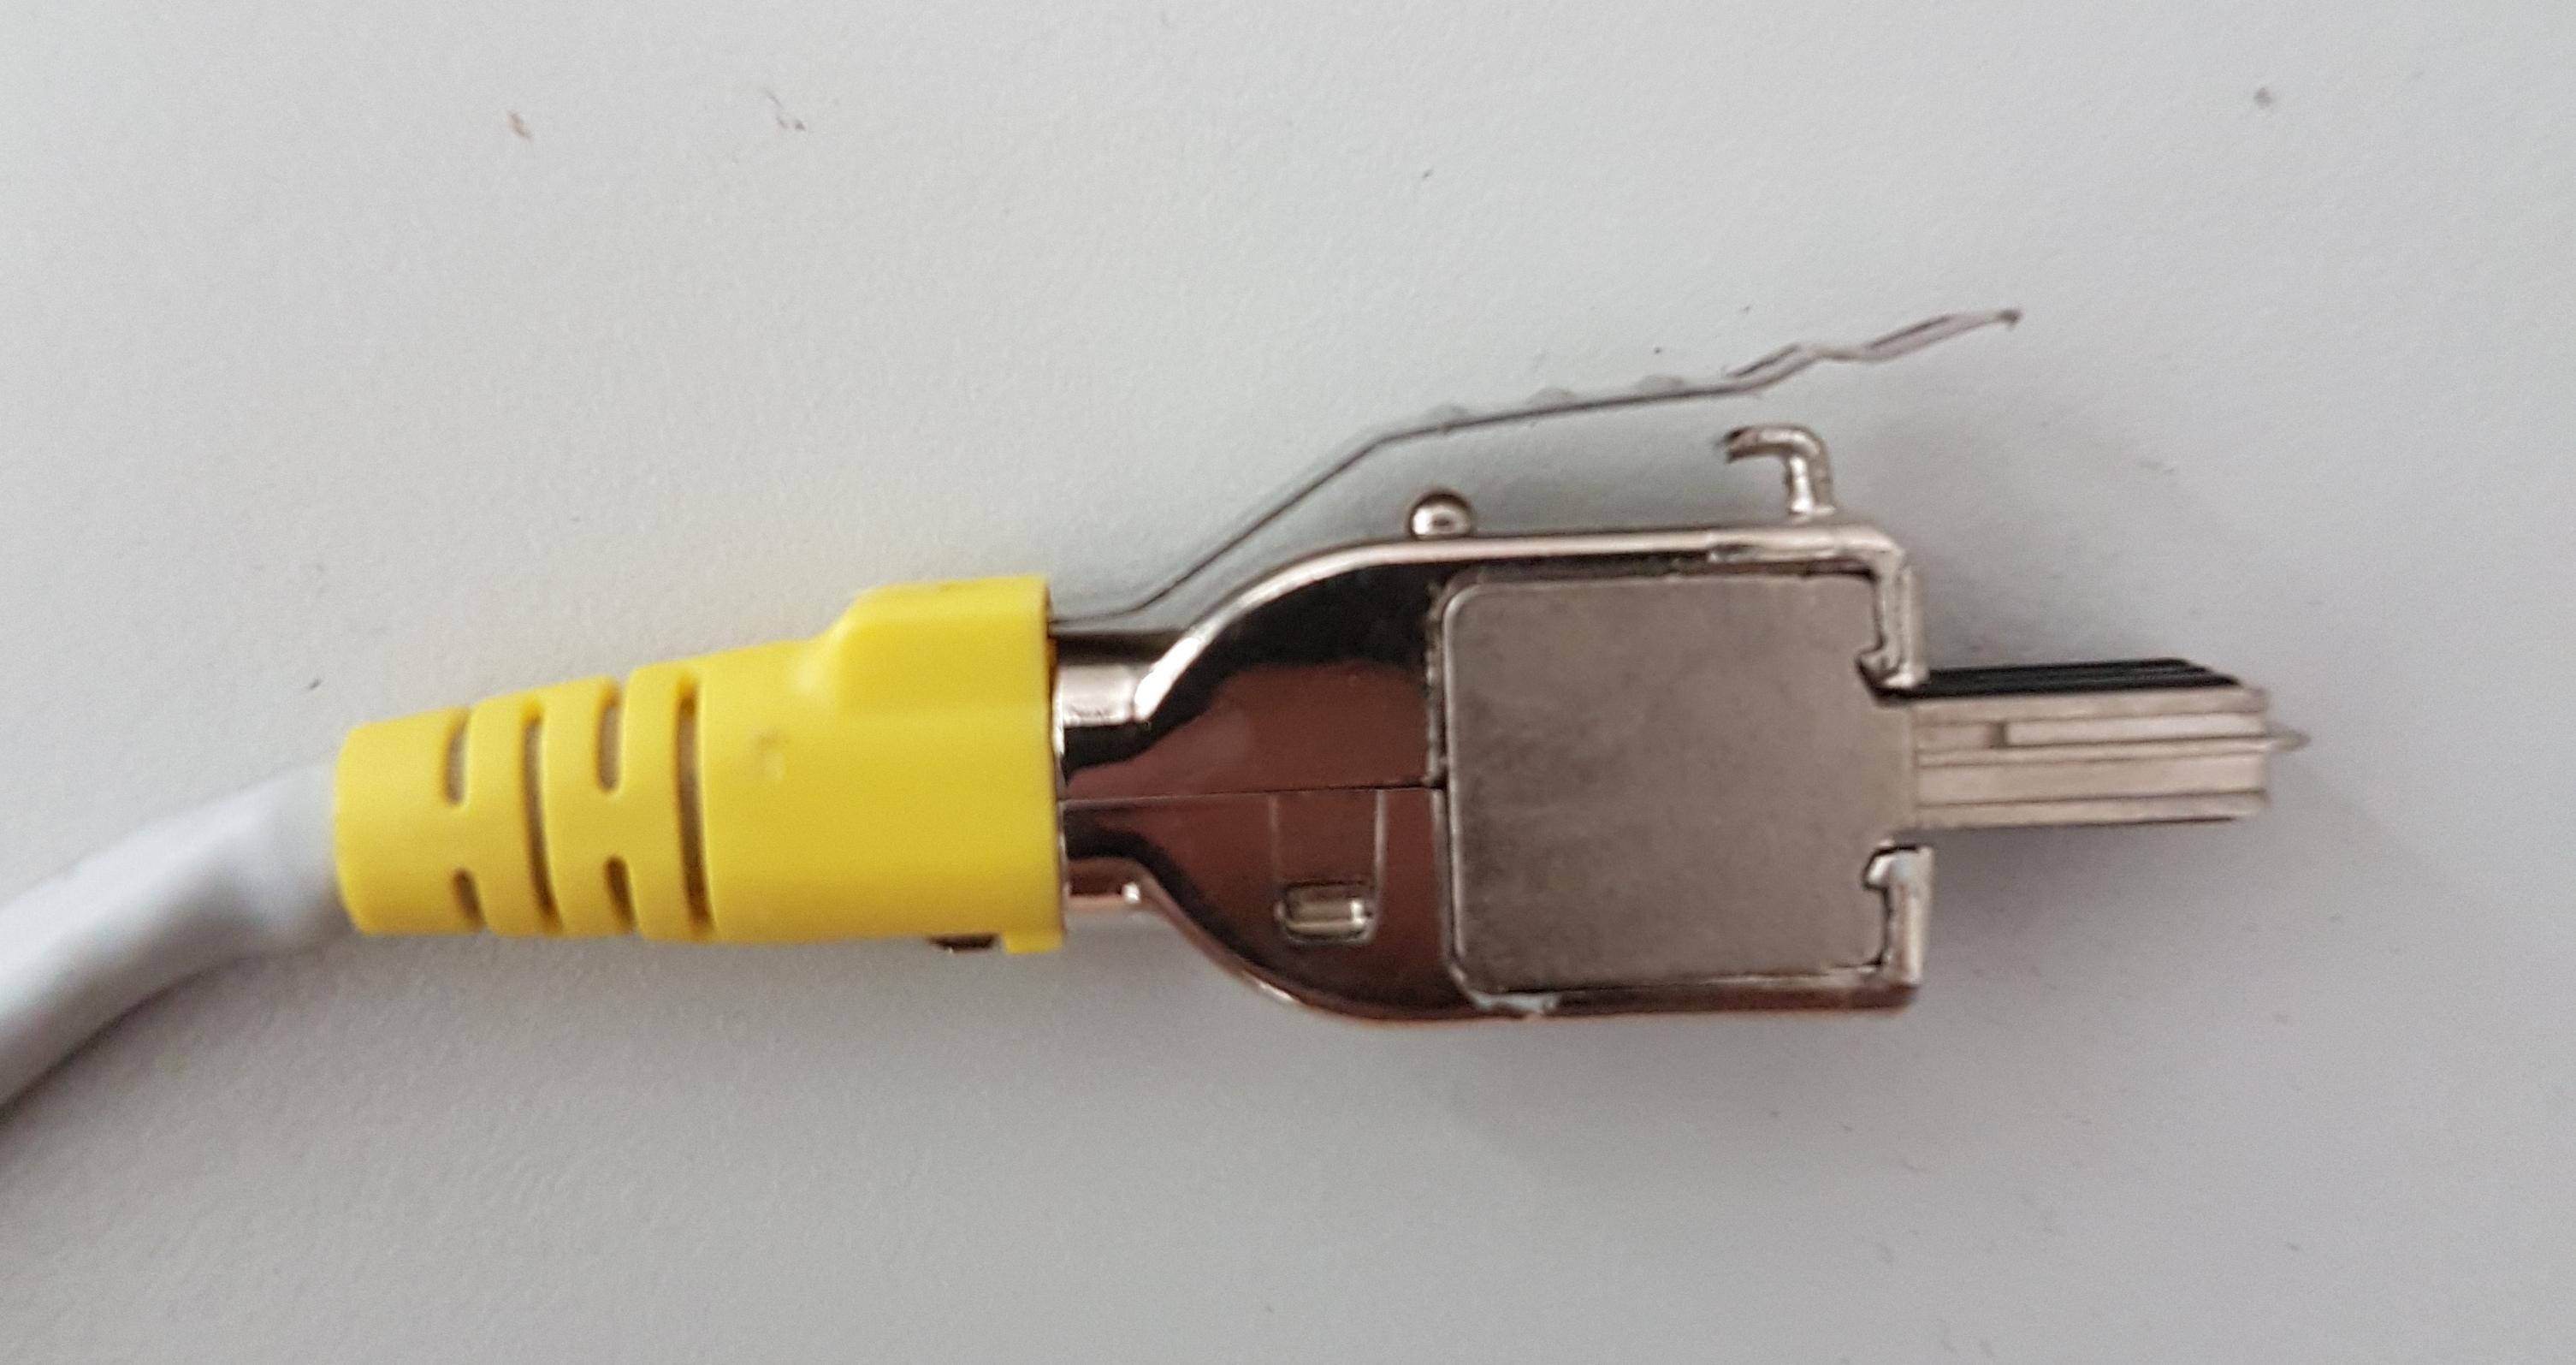 wie nennt man diesen lan stecker kabel lan kabel. Black Bedroom Furniture Sets. Home Design Ideas